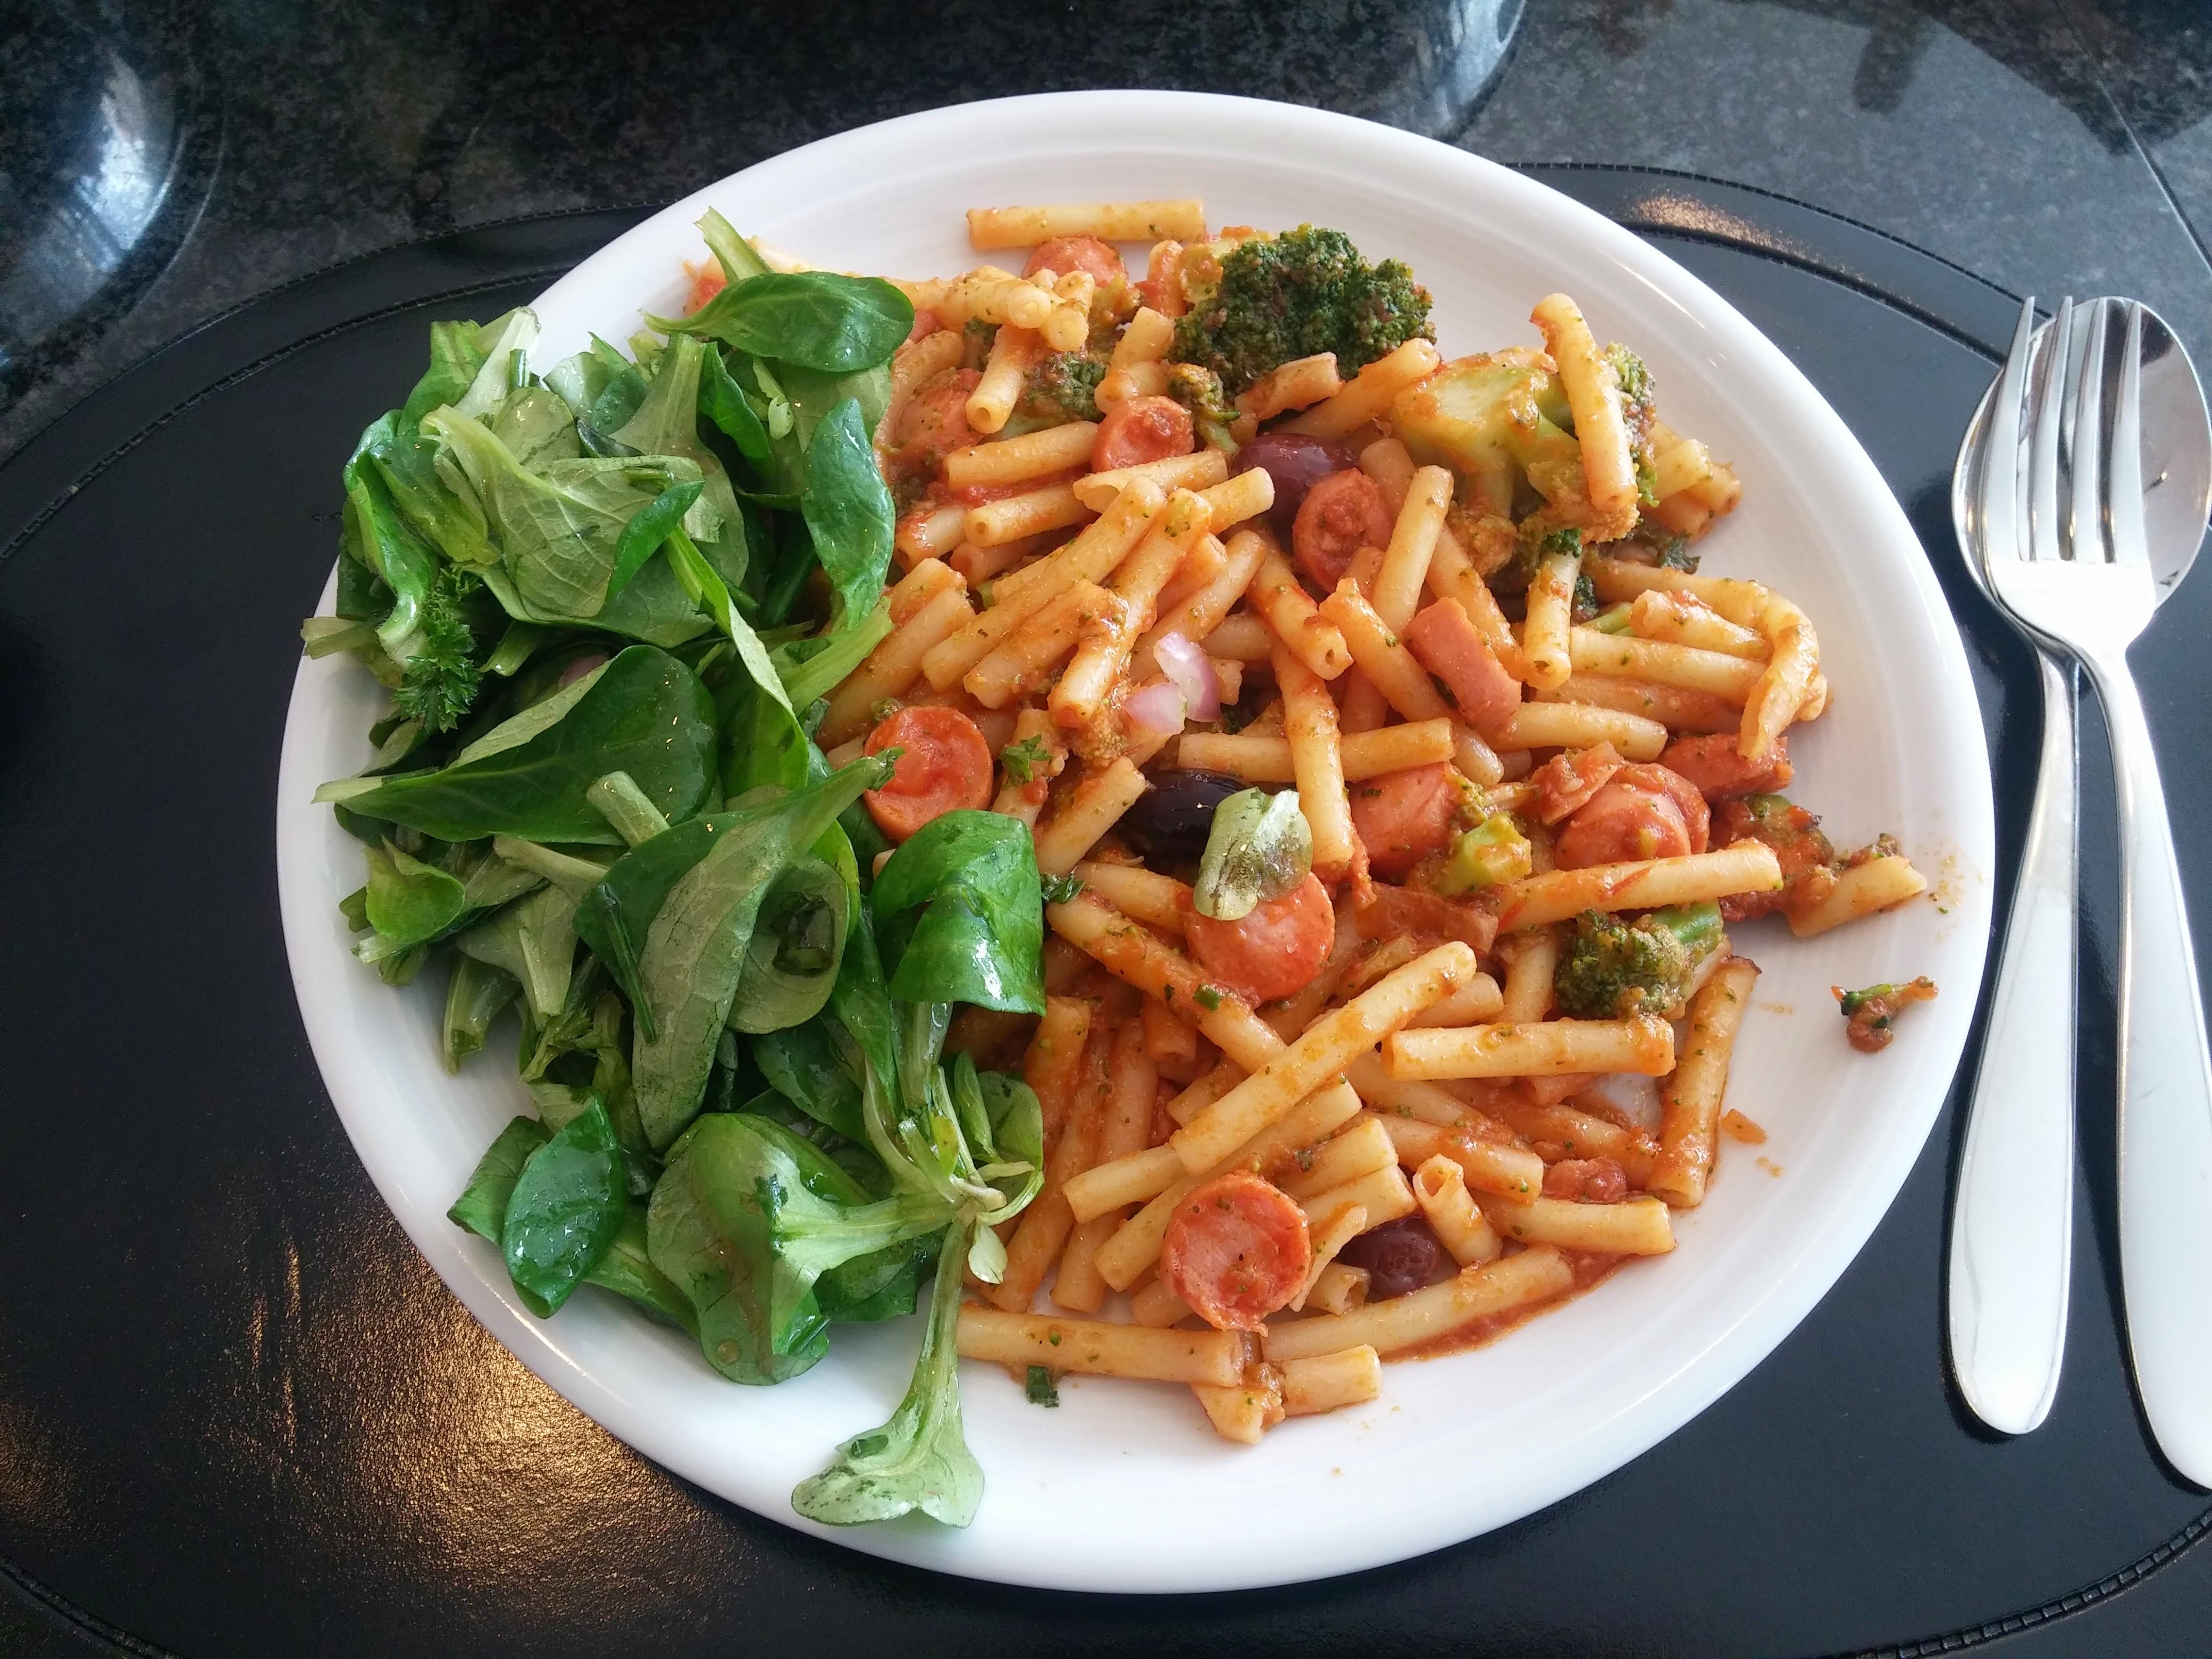 https://foodloader.net/nico_2015-10-11_maccaroni-mit-broccoli-wuerstchen-sauce-und-ackersalat.jpg